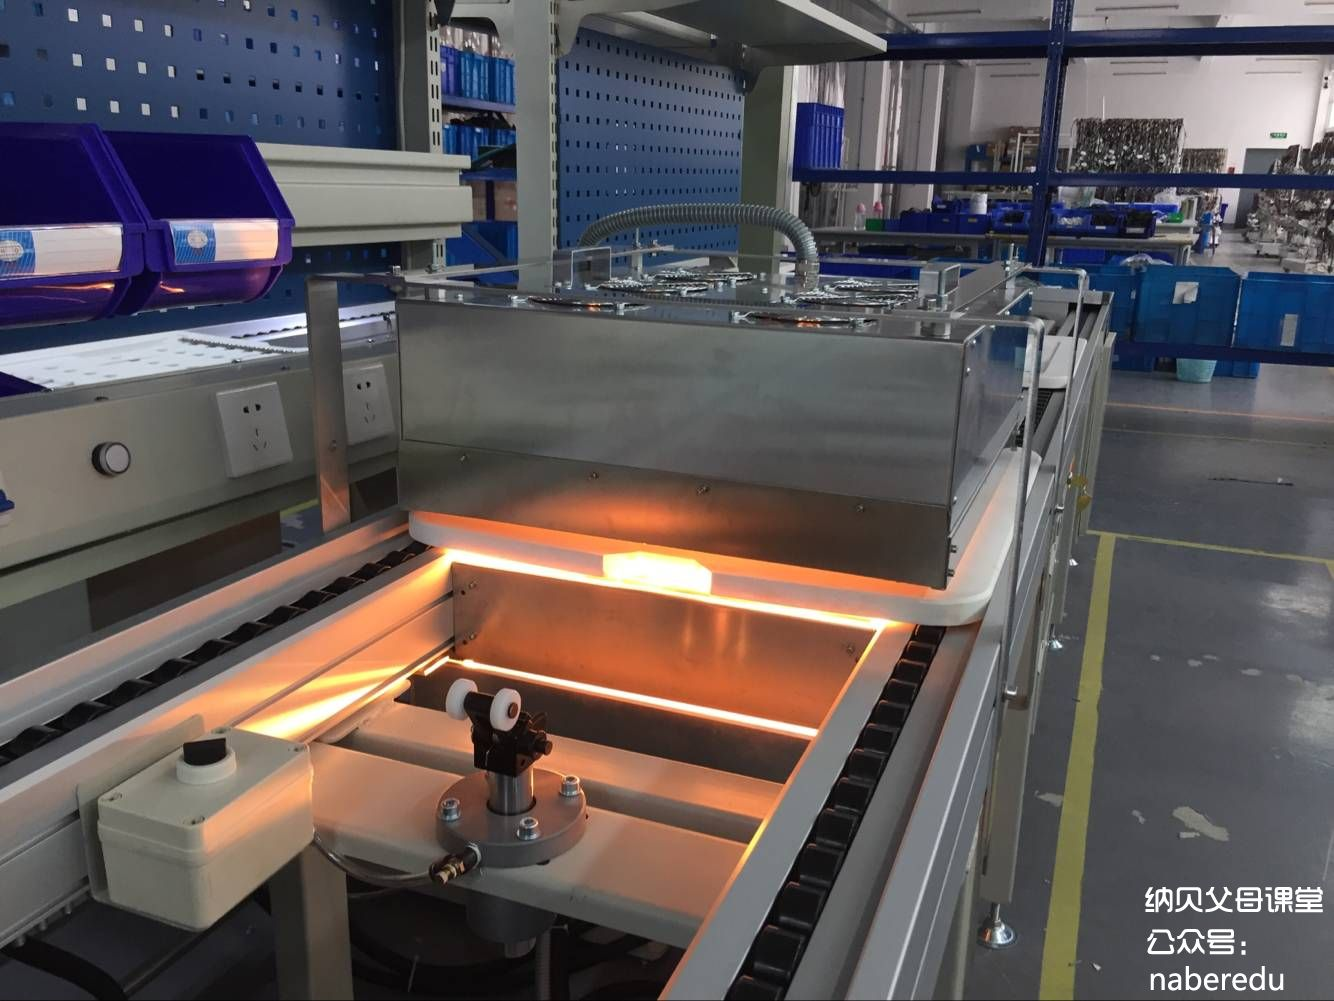 萨莱米ceramicx红外线快中波加热系统应用于热收缩管加热